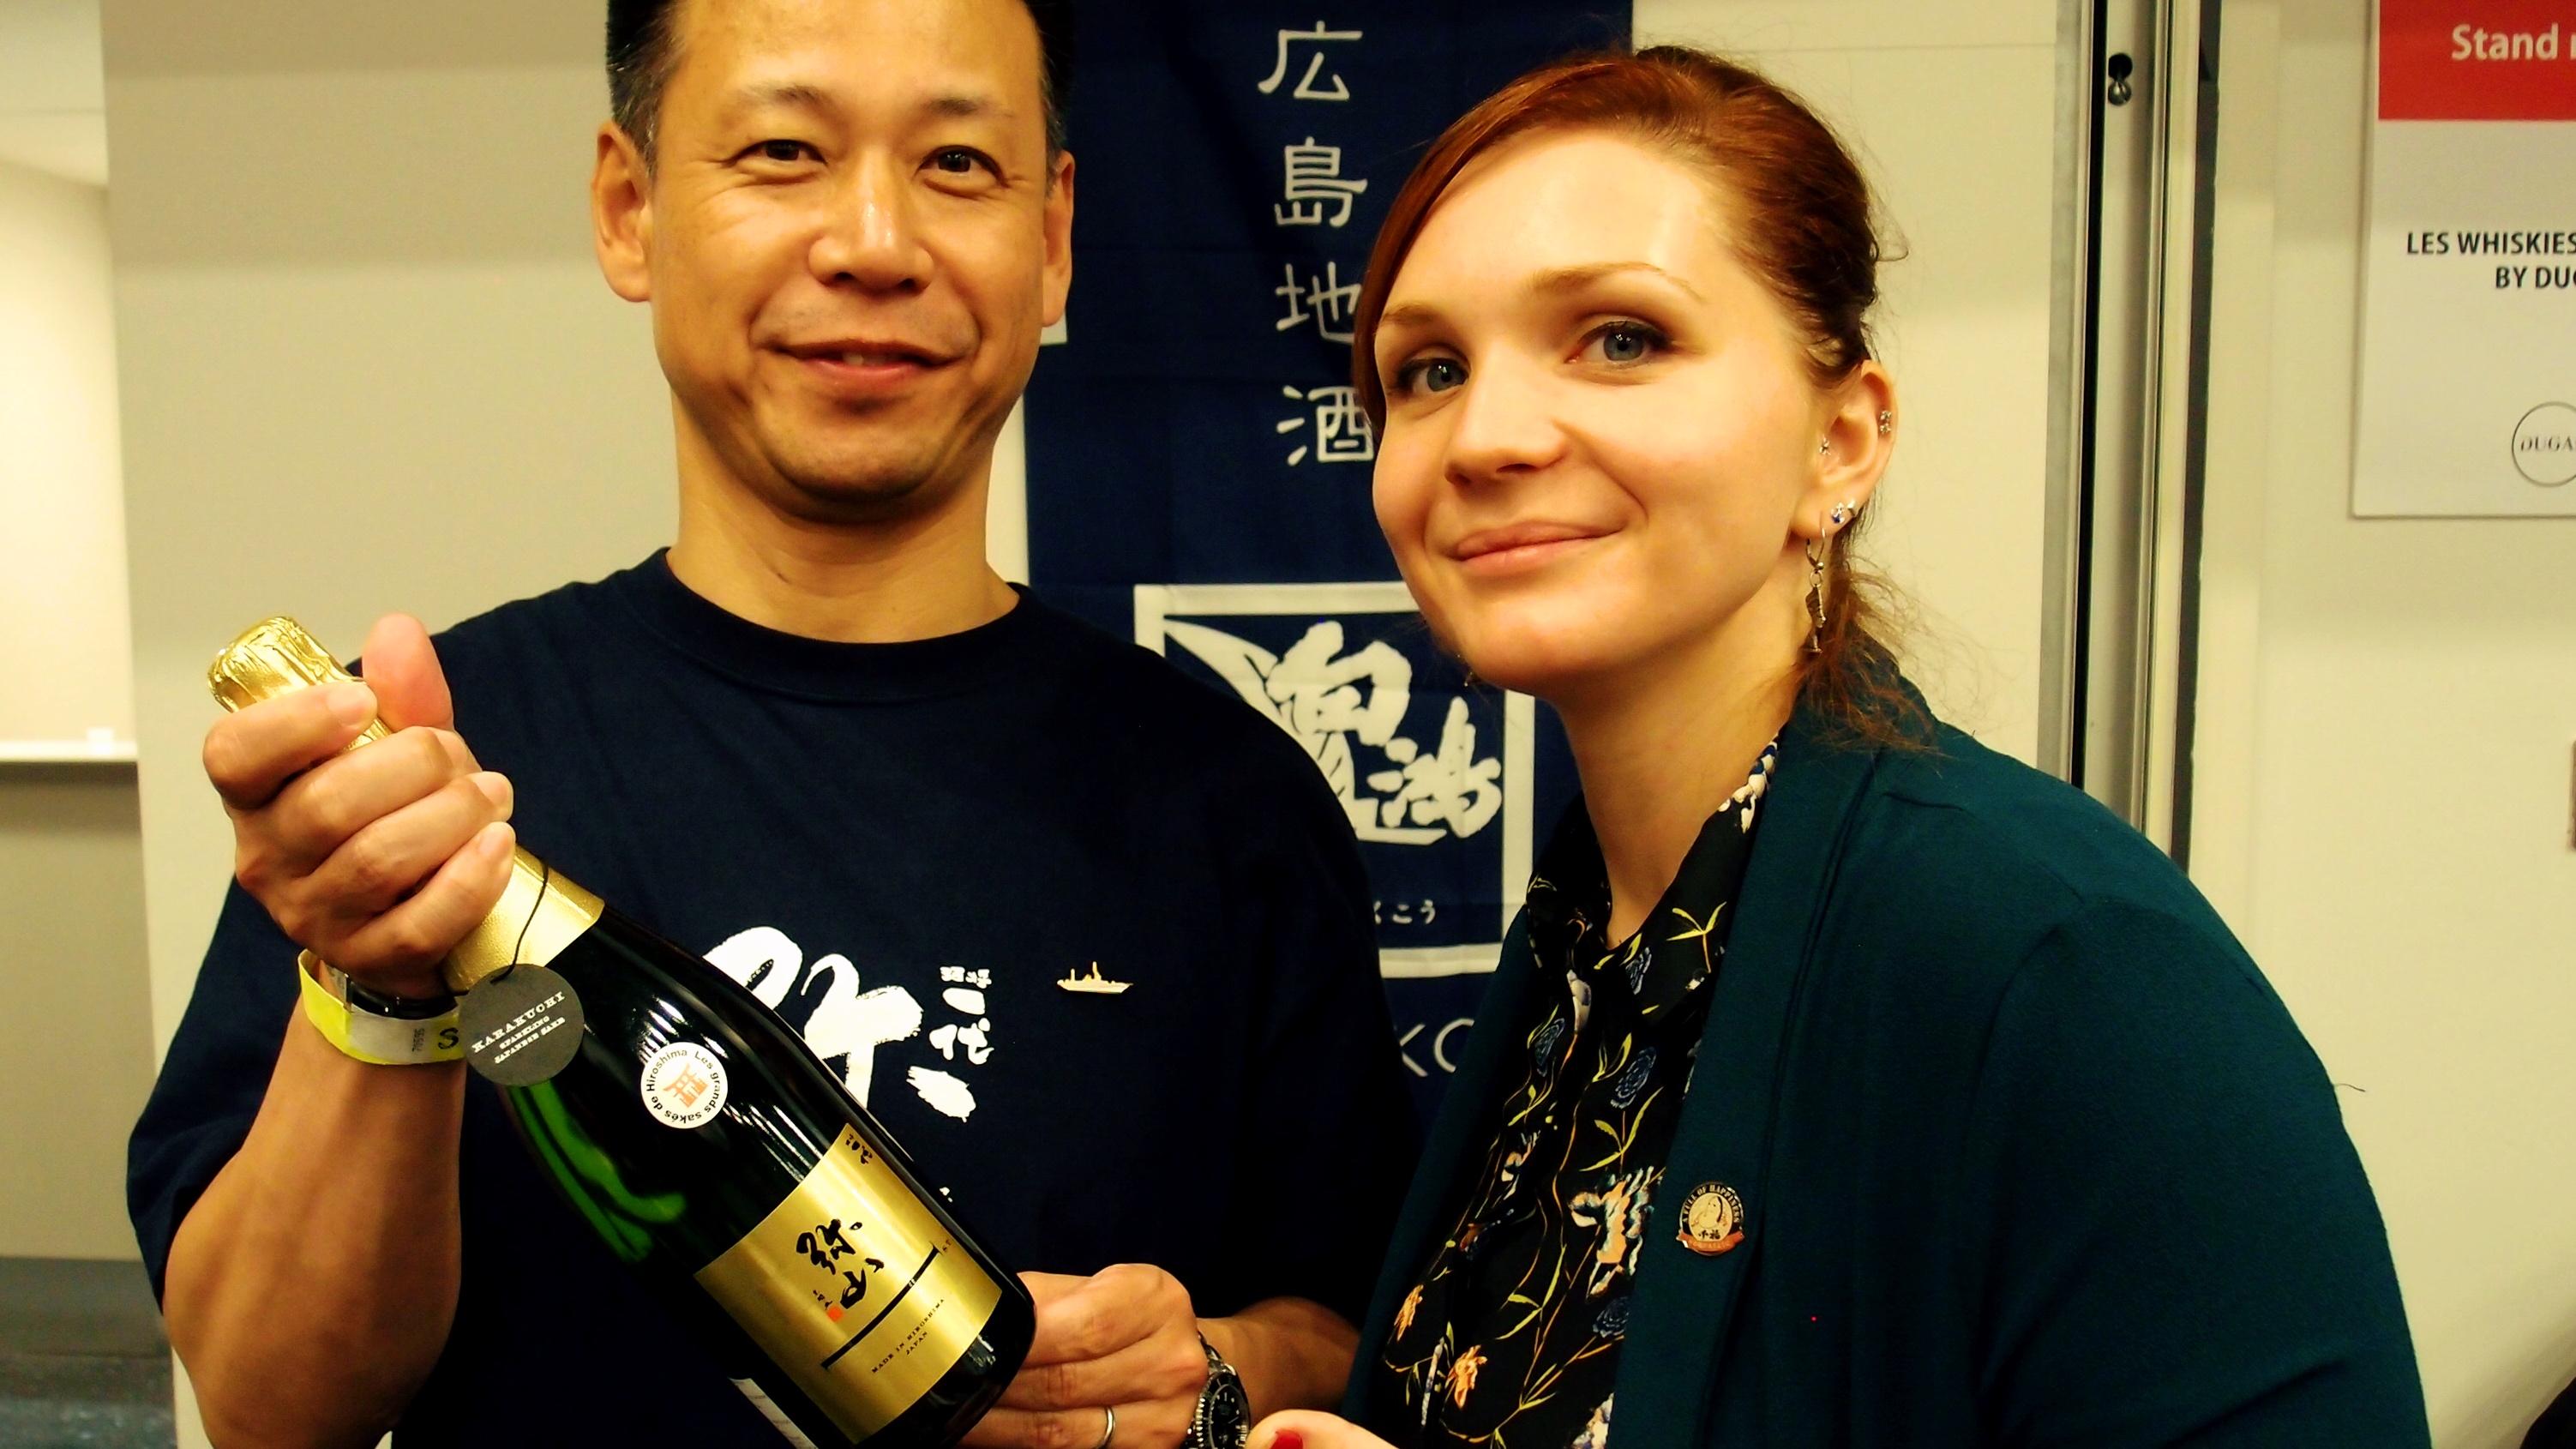 パリジャンの間で人気沸騰中?!サロン・デュ・サケで、ネクストヒットの日本酒を潜入捜査! Salon